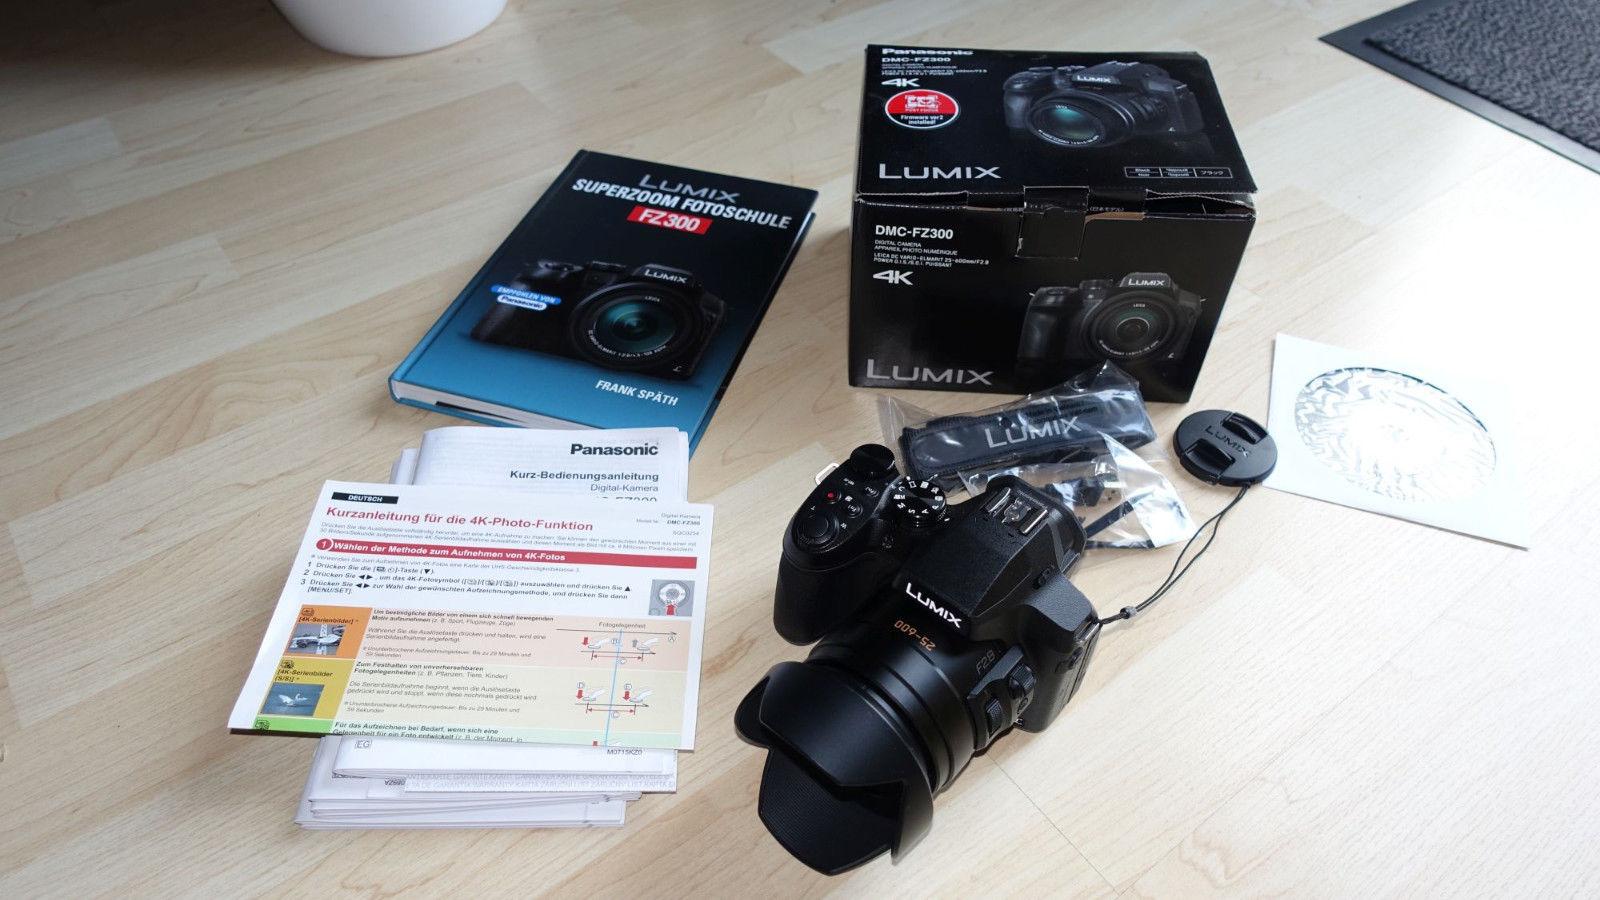 Panasonic LUMIX DMC-FZ300 12.1 MP Digitalkamera - Schwarz